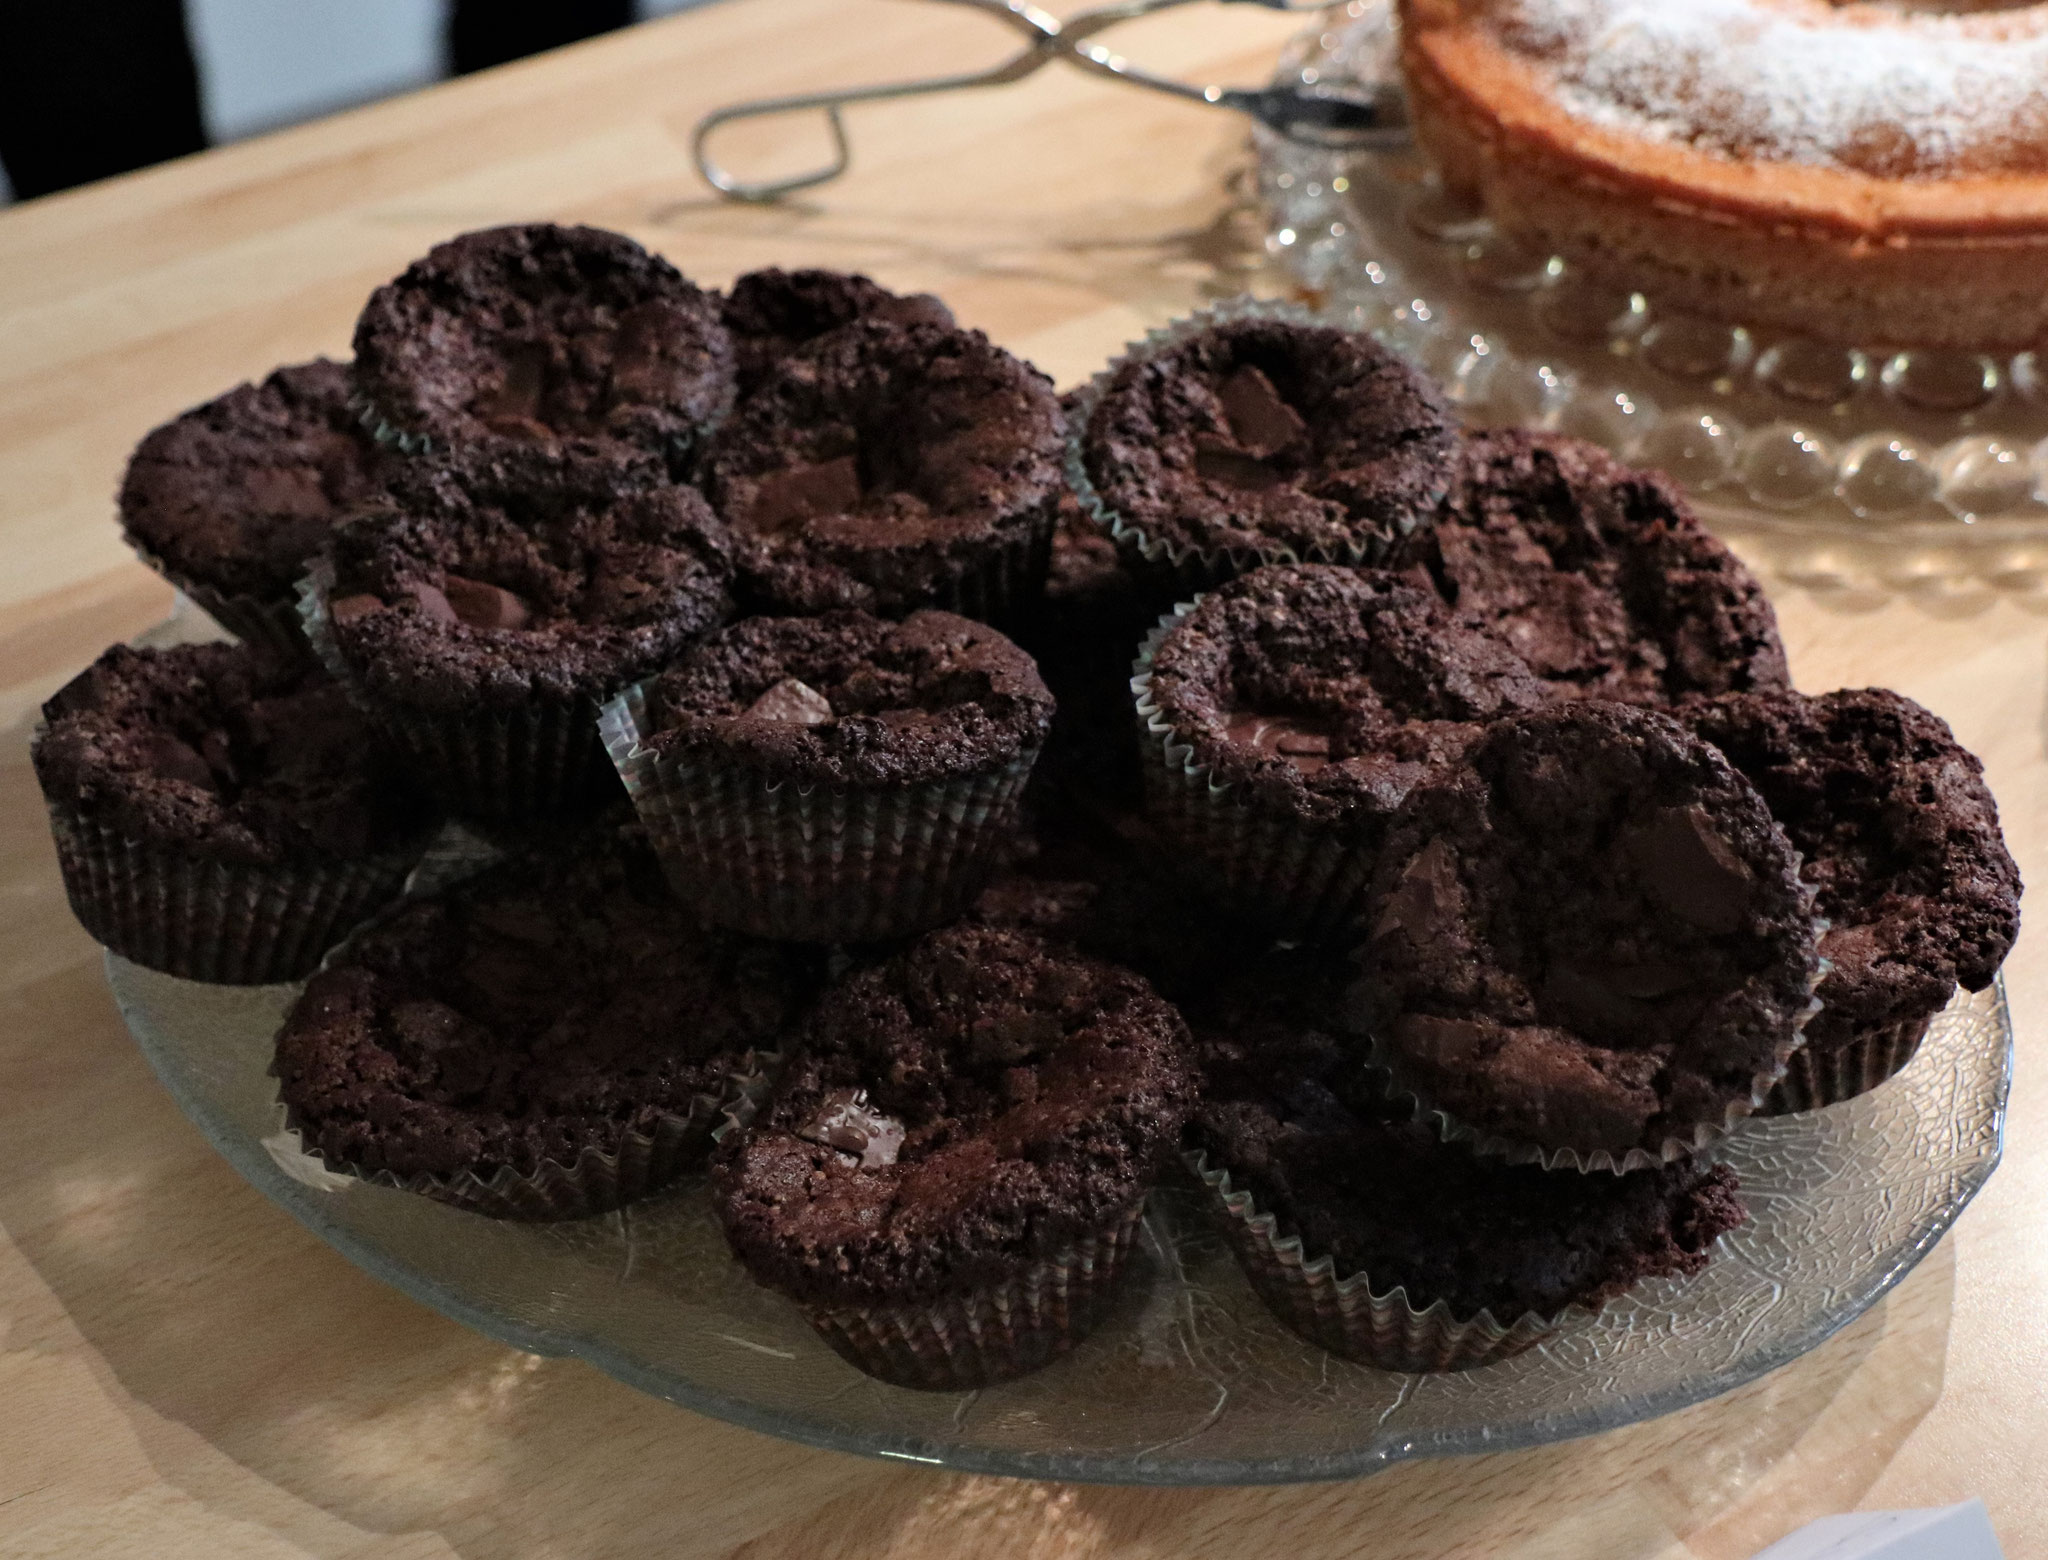 Muffins, dunkel - gebacken und gespendet von Maike